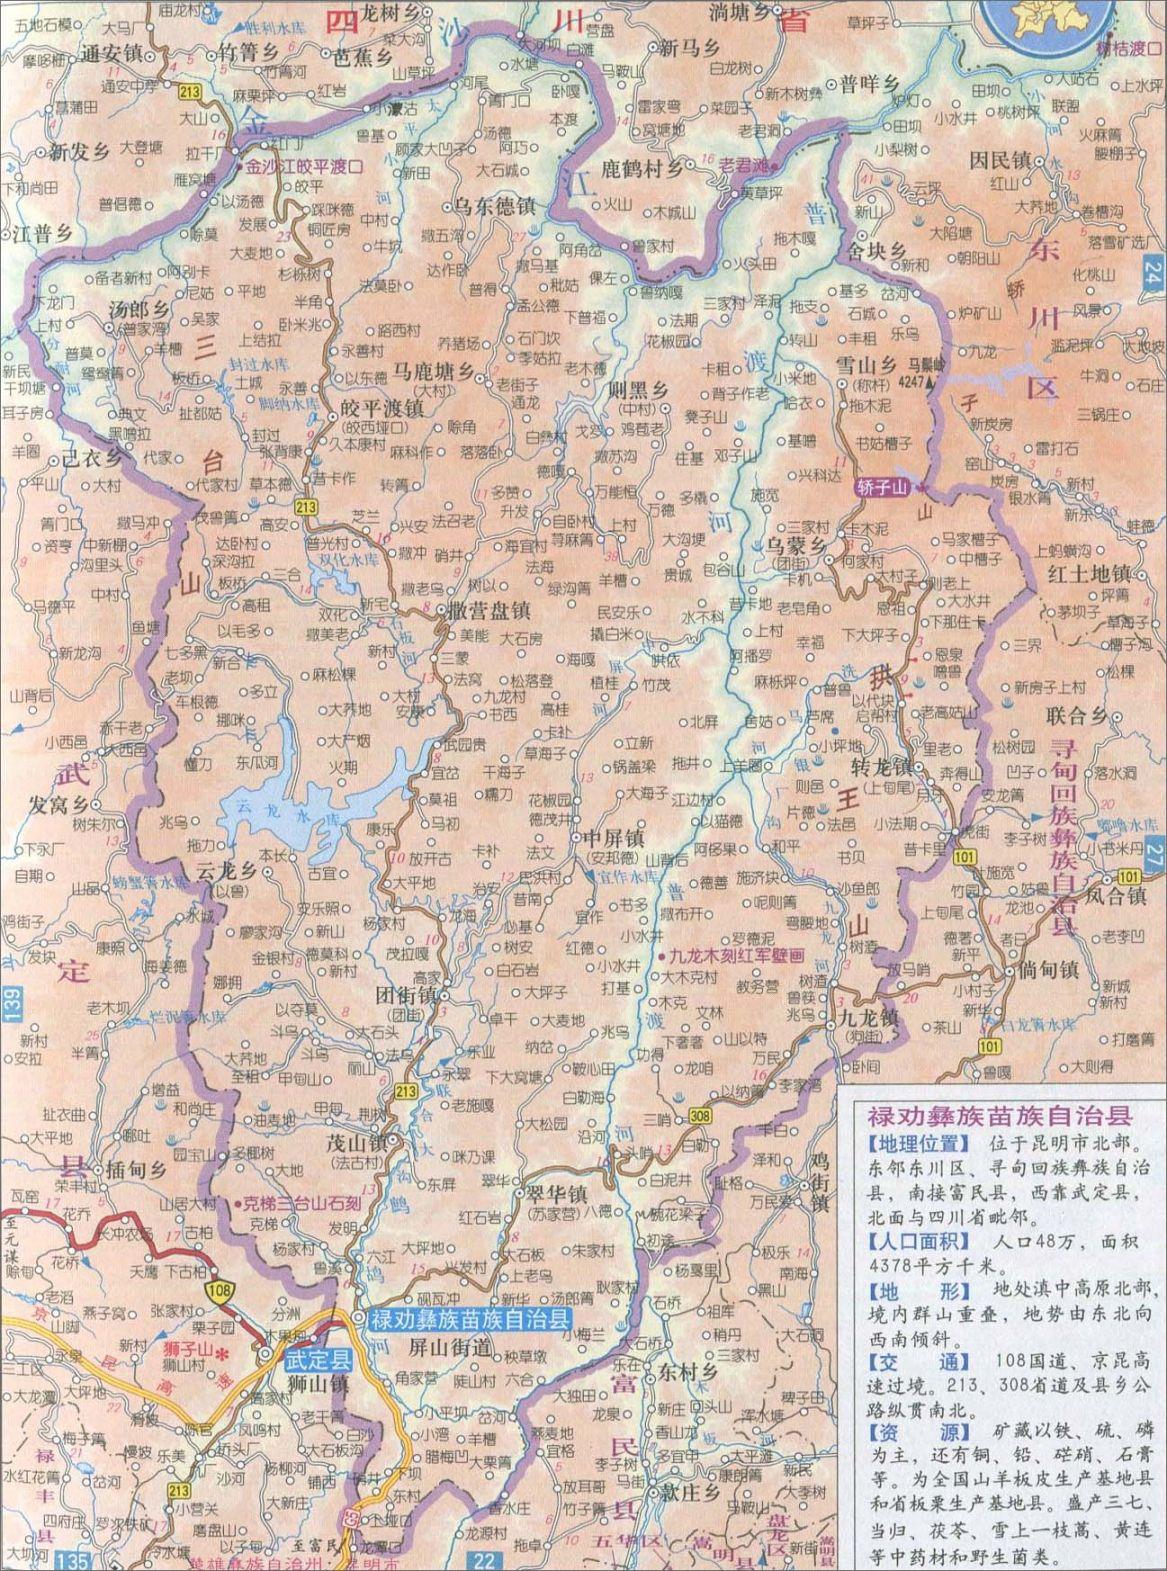 昆明禄劝彝族苗族自治县地图全图高清版图片